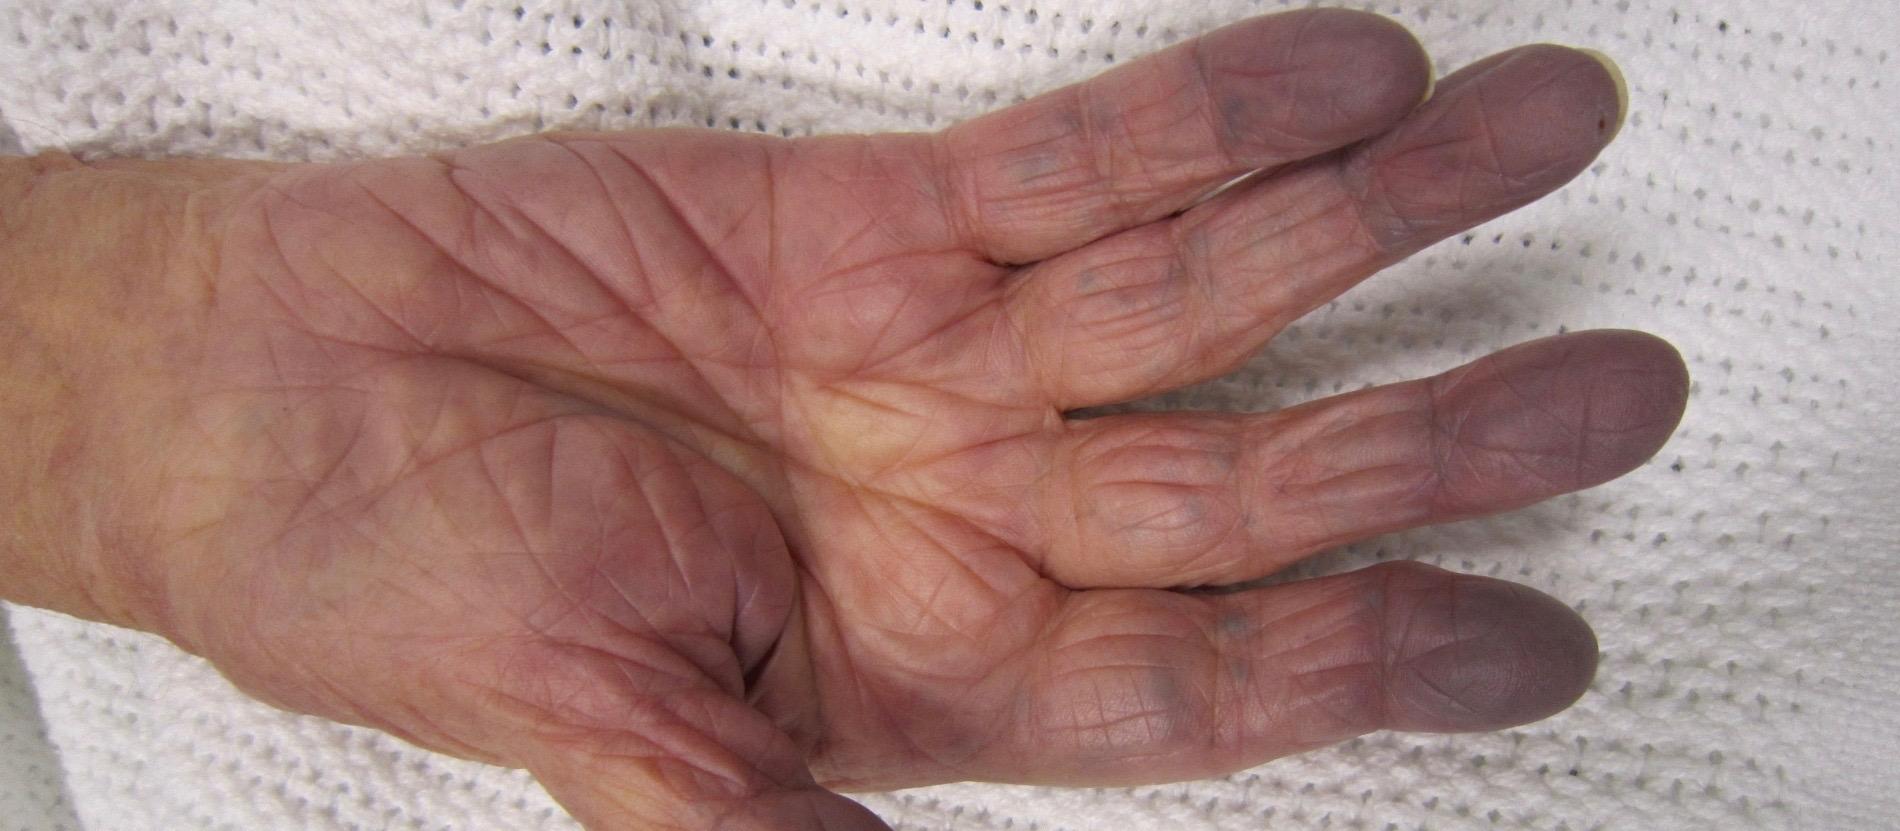 Из-за зелёной крови пальцы могут посинеть.